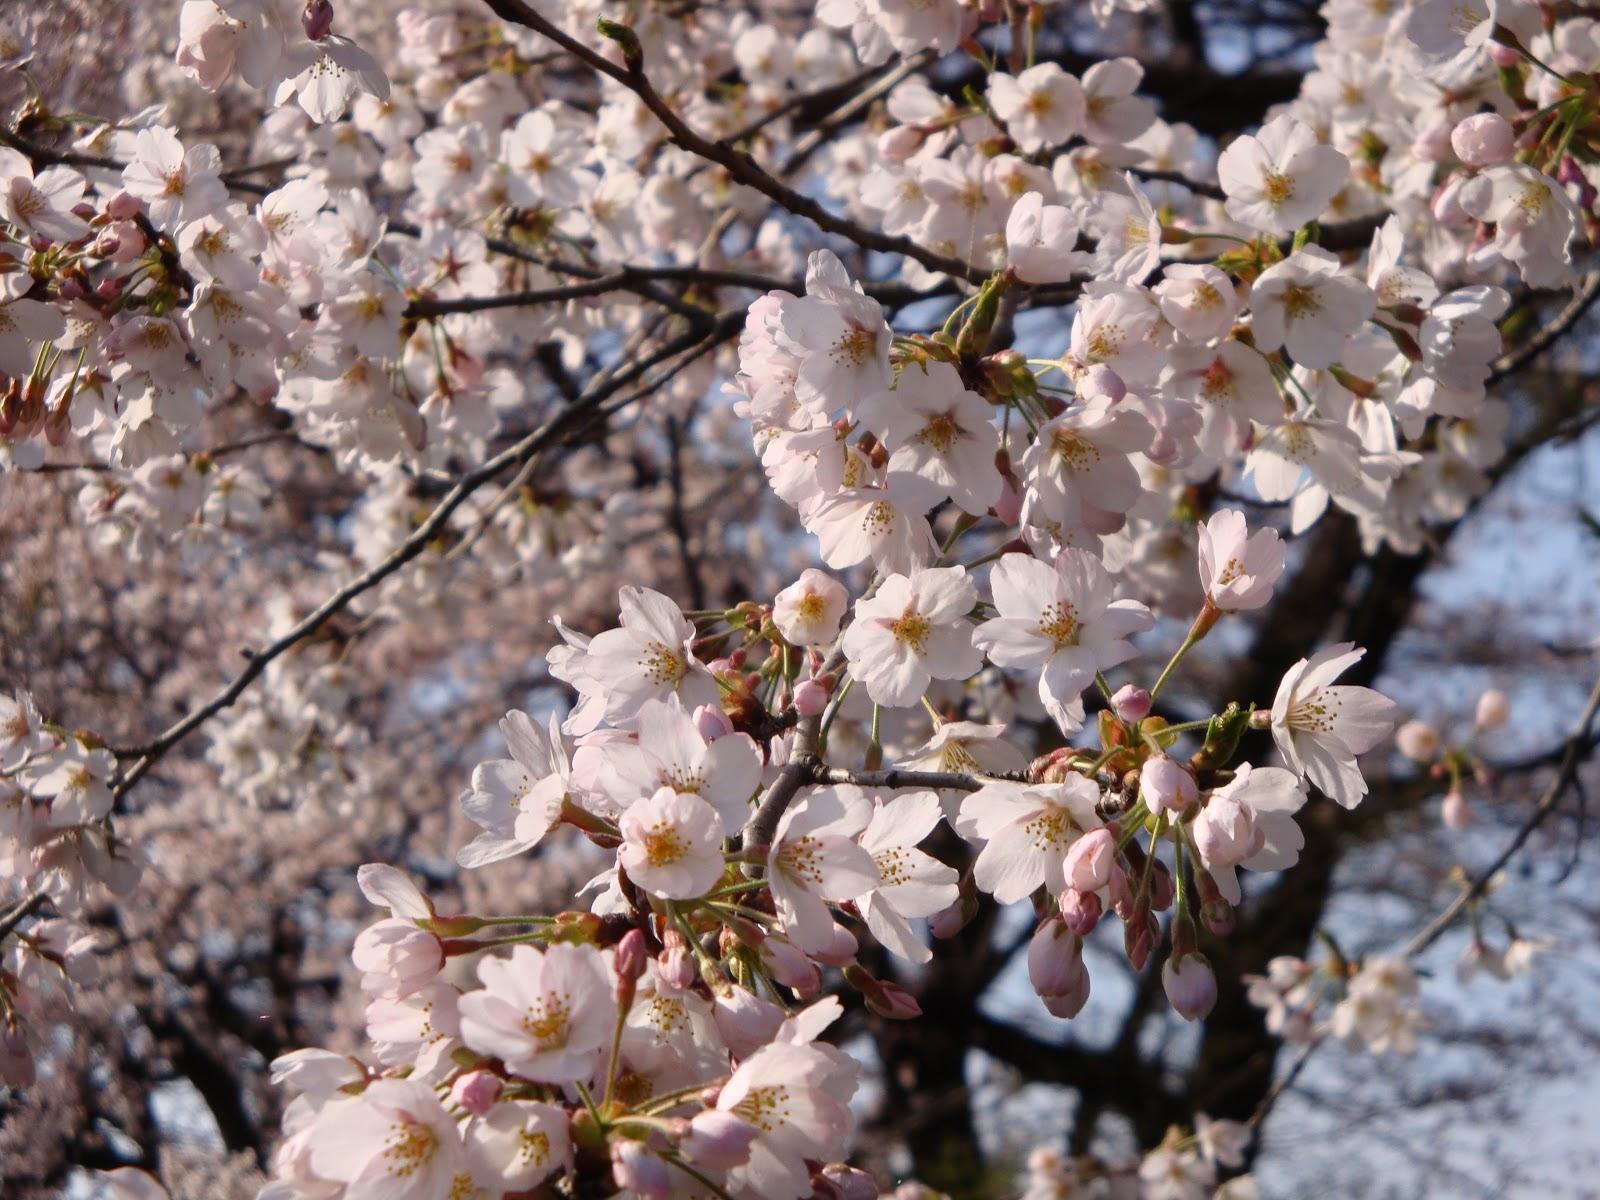 満開の桜の小枝